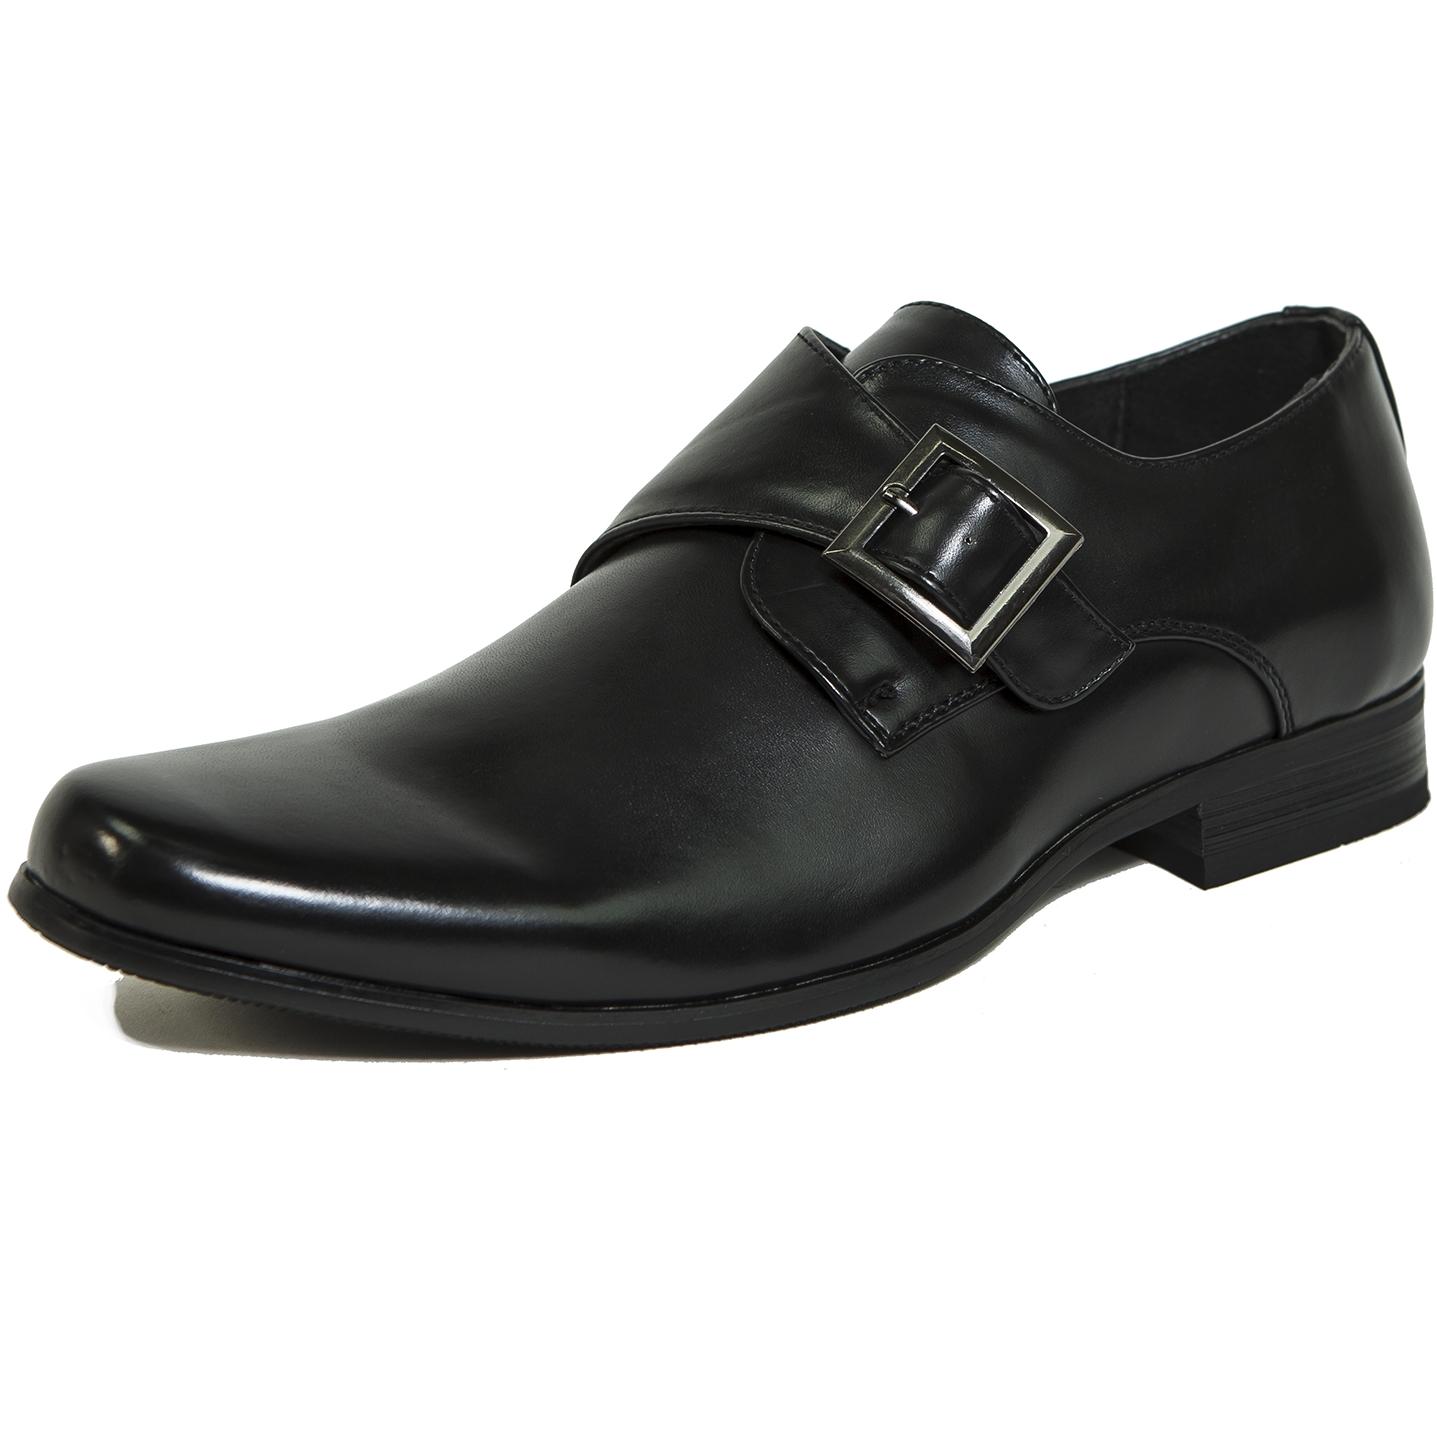 Mens Suede Dress Shoes Black